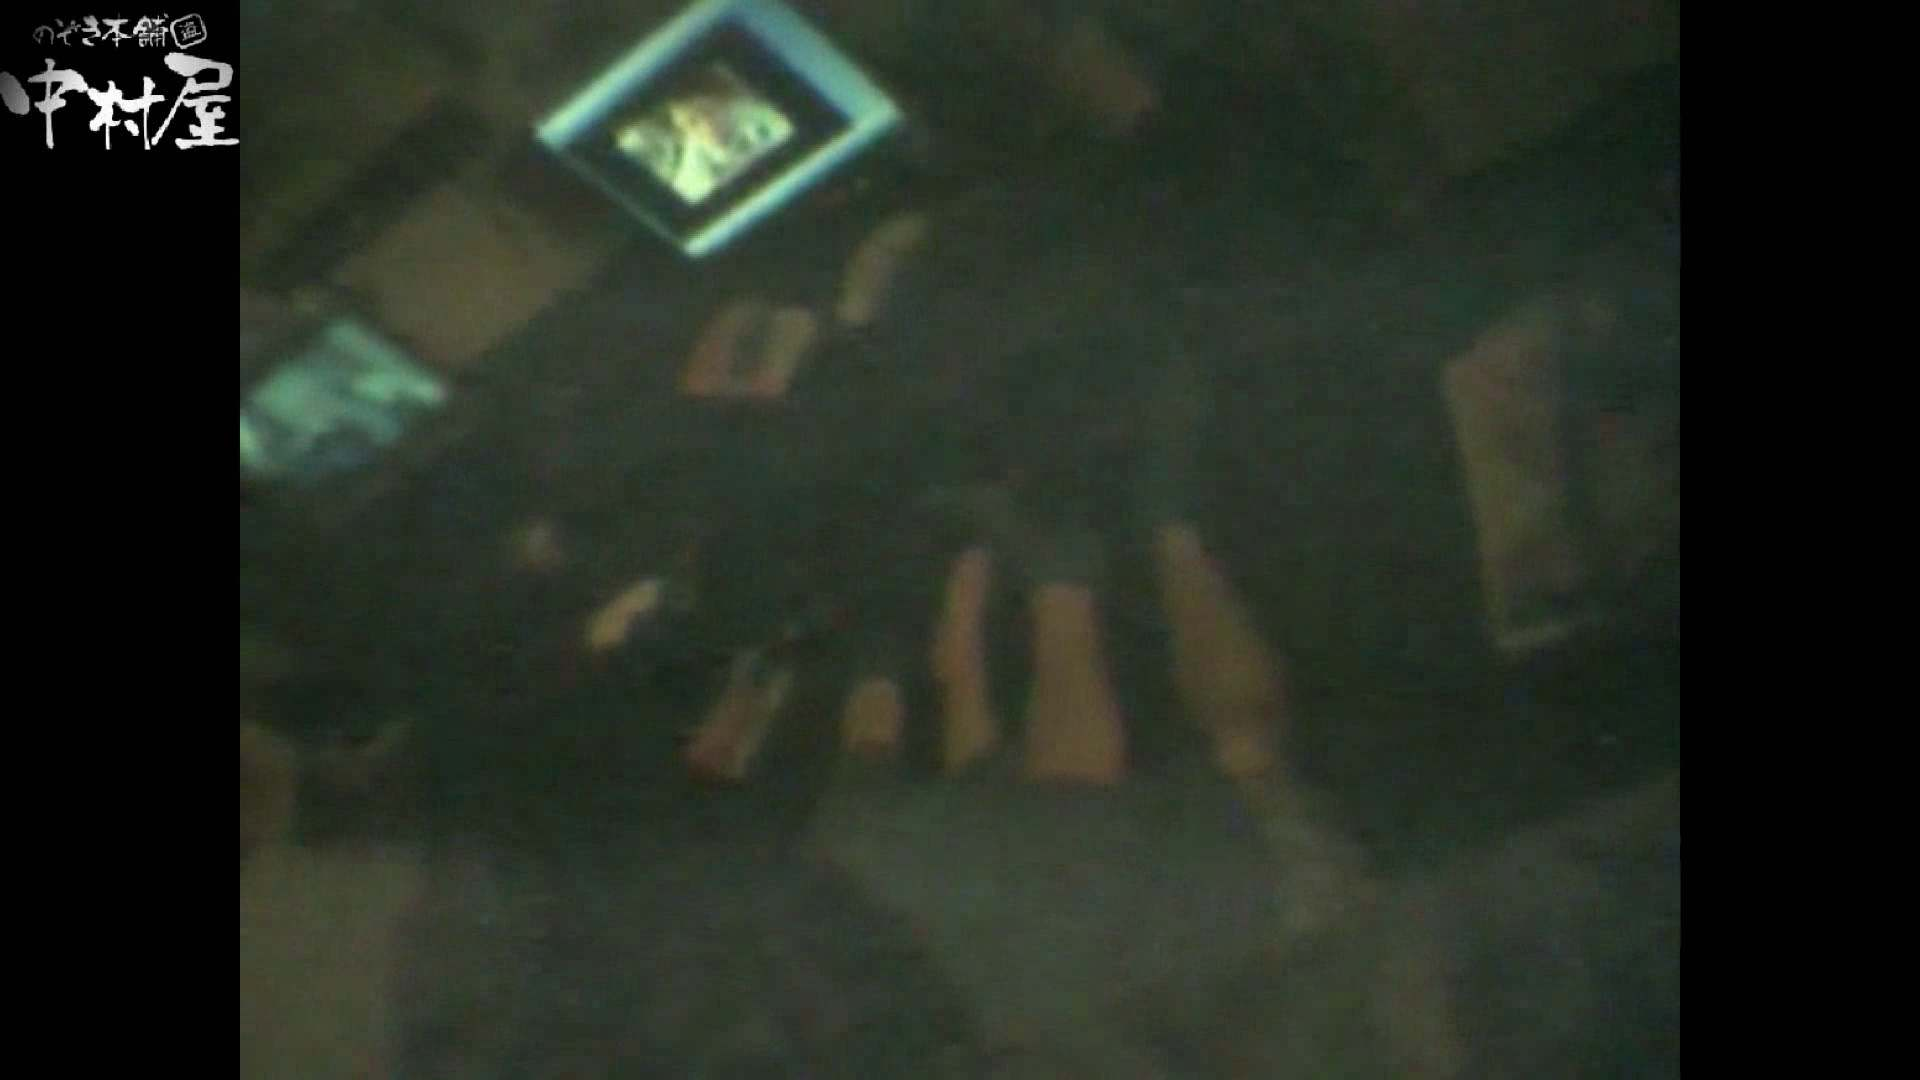 インターネットカフェの中で起こっている出来事 vol.002 OLのエロ生活 われめAV動画紹介 19連発 12